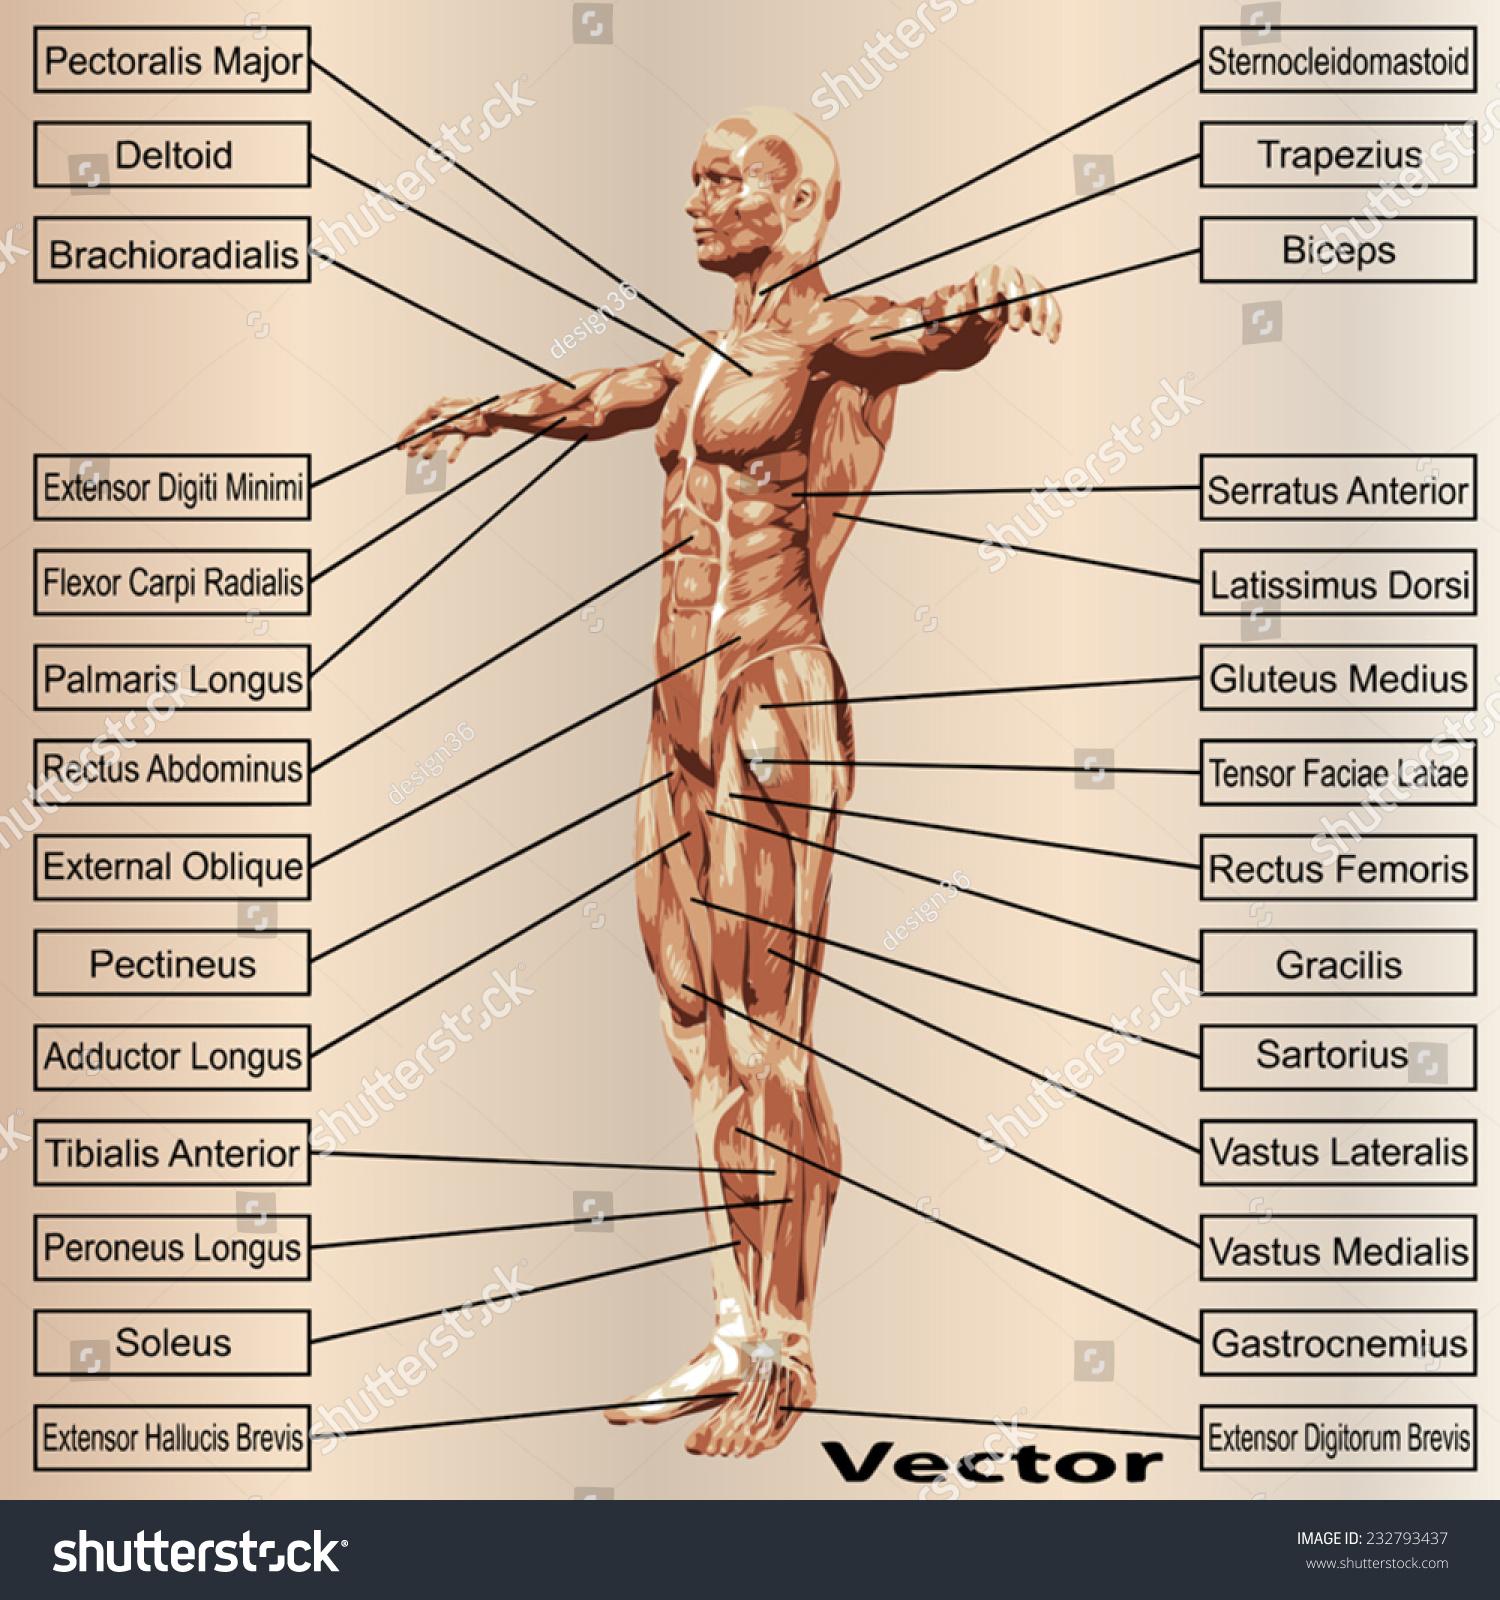 Fantastisch 7. Hirnnerv Anatomie Bilder - Anatomie Ideen - finotti.info